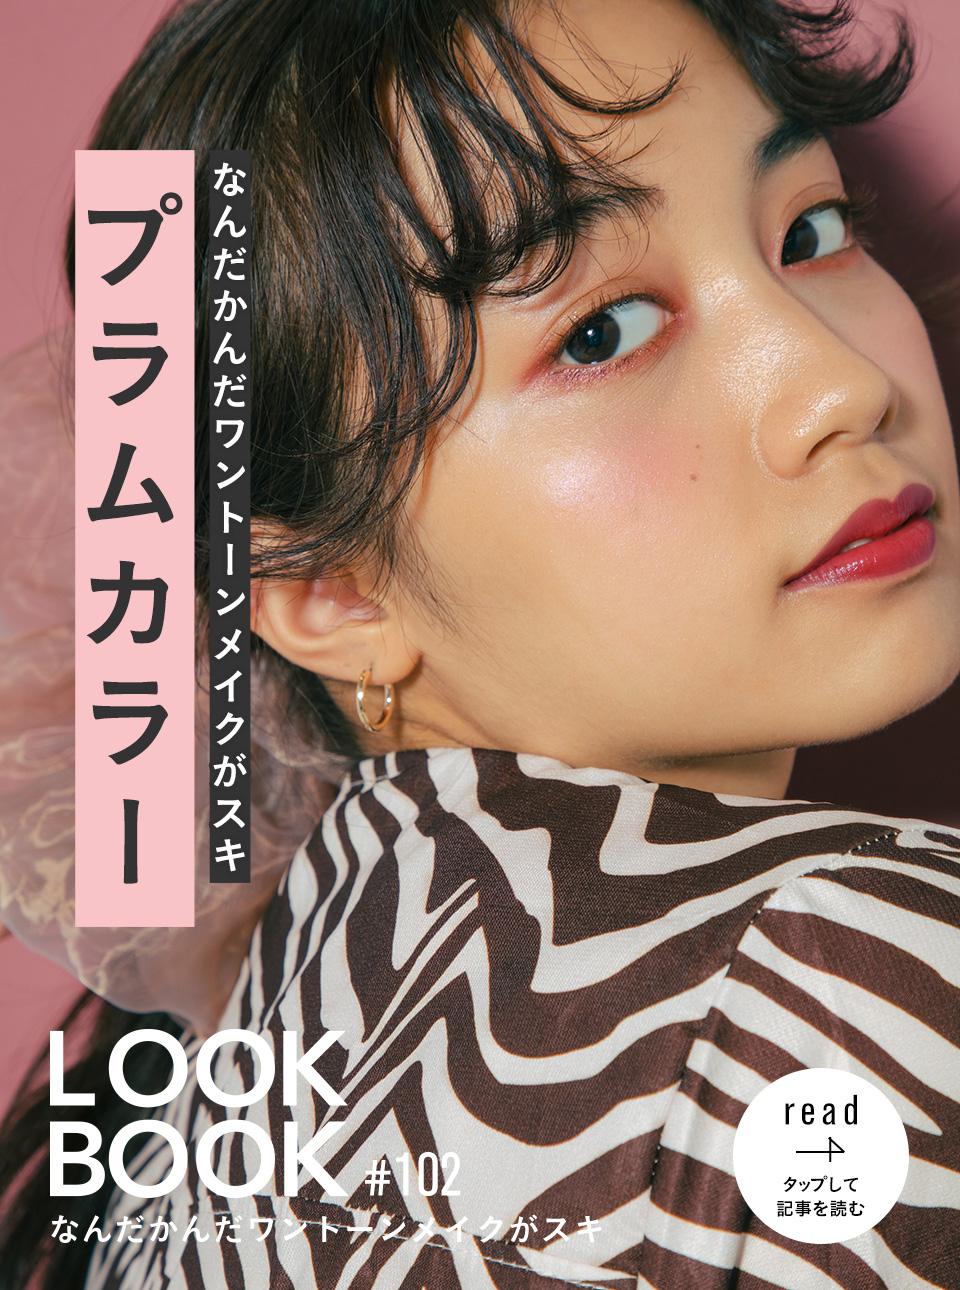 LOOKBOOK102